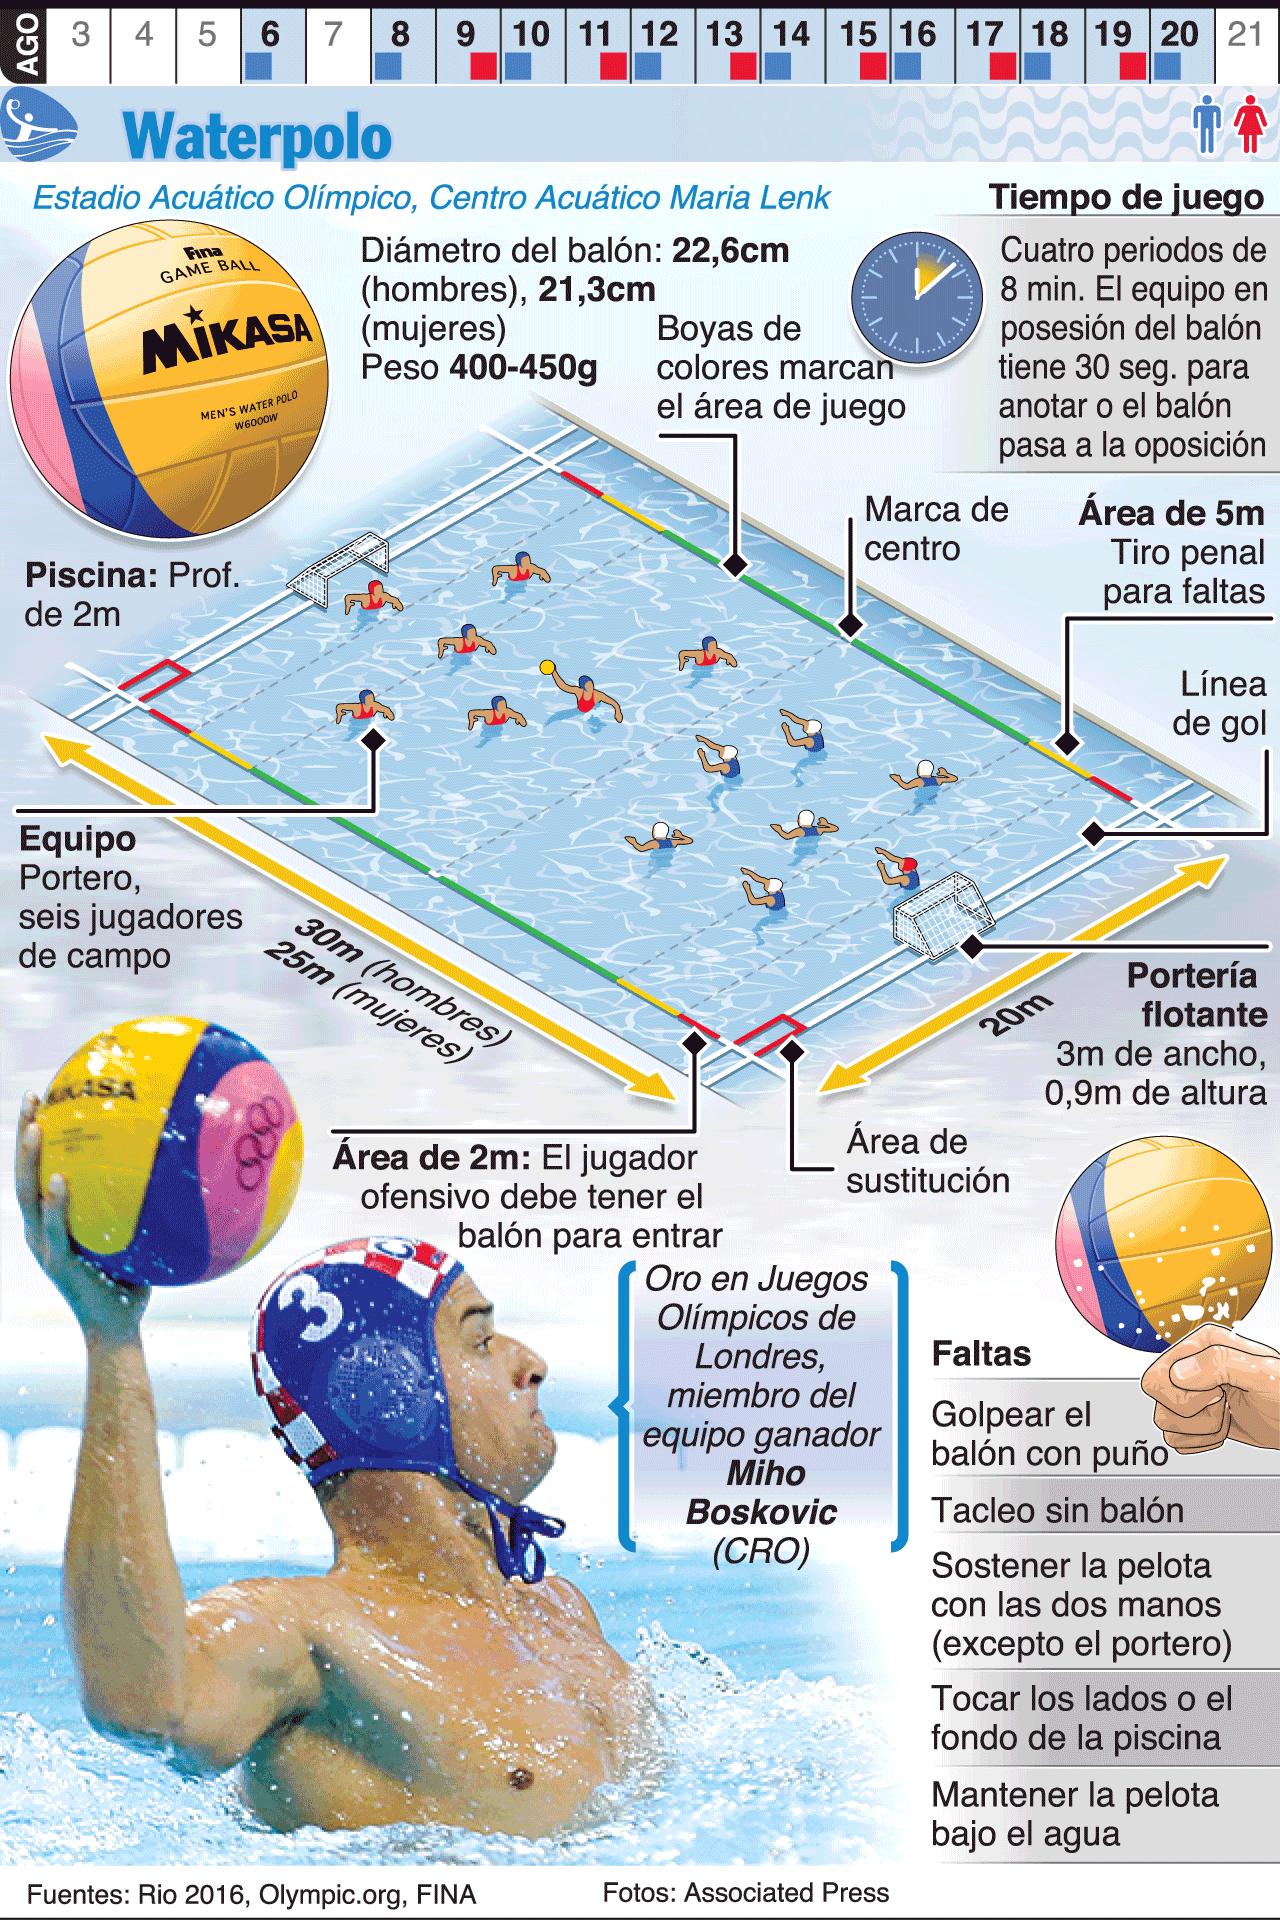 Infograf a waterpolo en los juegos de r o 2016 for Esquema piscina